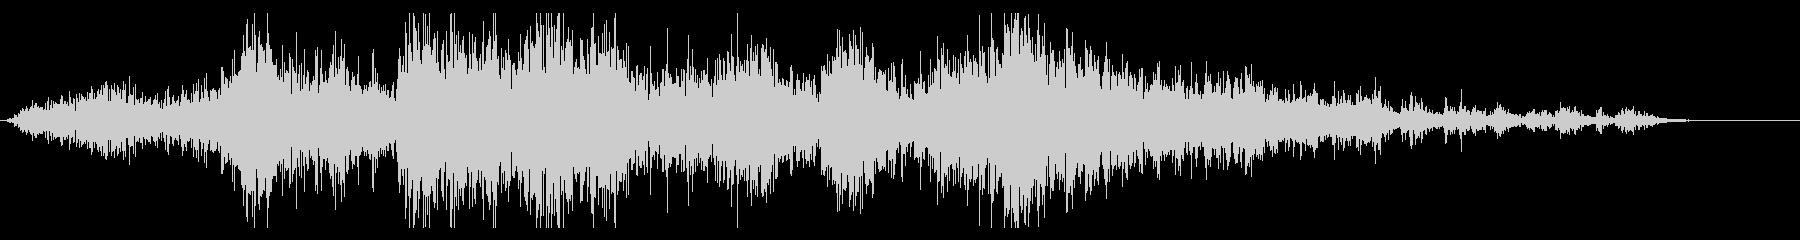 地鳴り#2「ゴゴゴ・・・」の未再生の波形